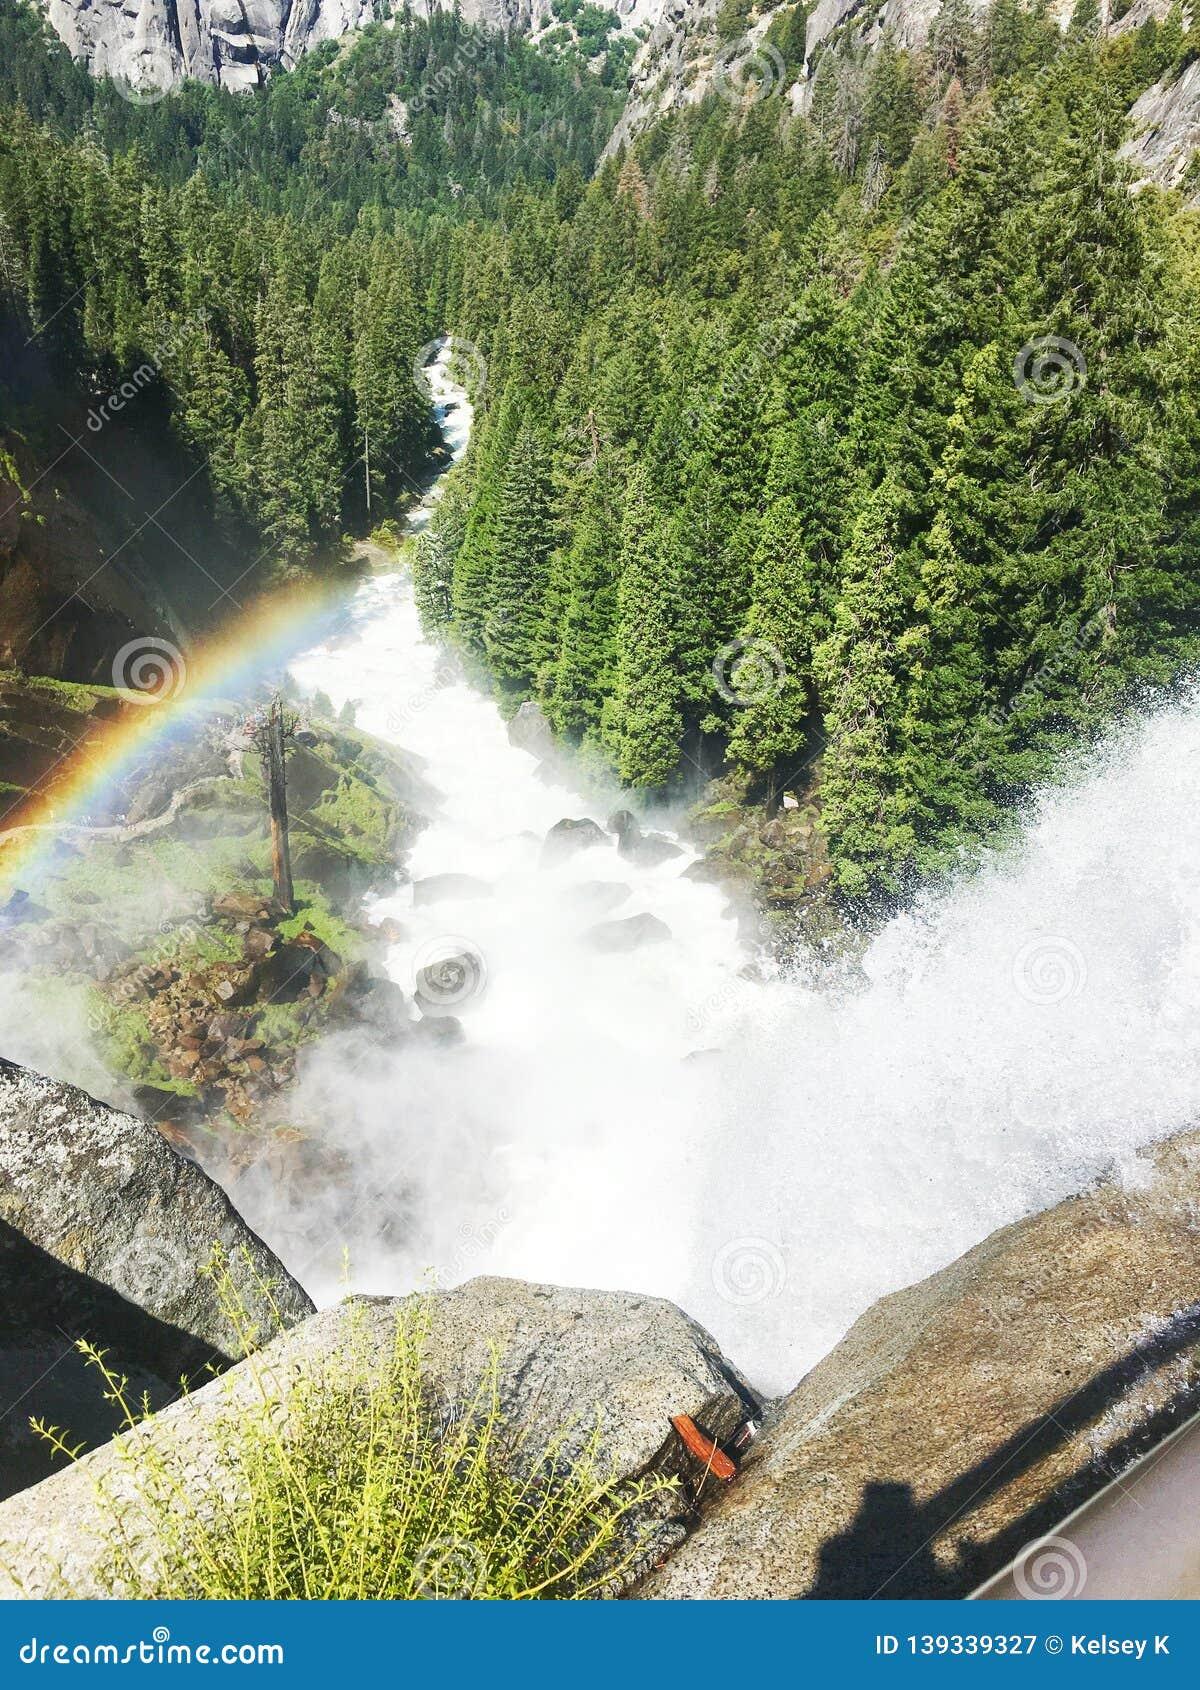 Vernal Falls Waterfall in Yosemite